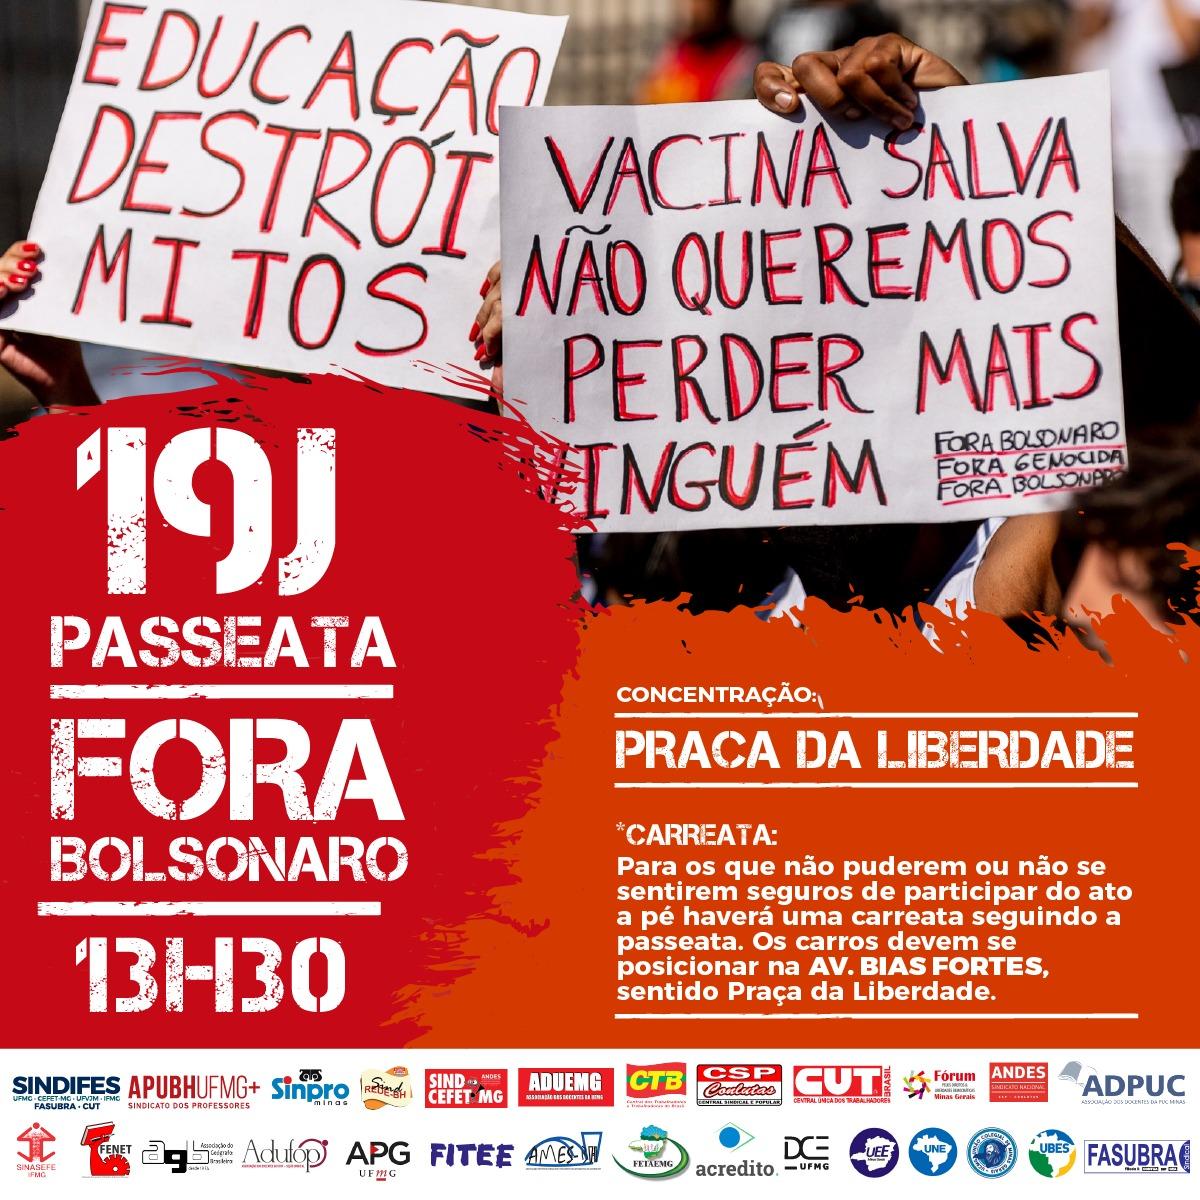 19J - Ato pelo Fora Bolsonaro no dia 19 de junho 5